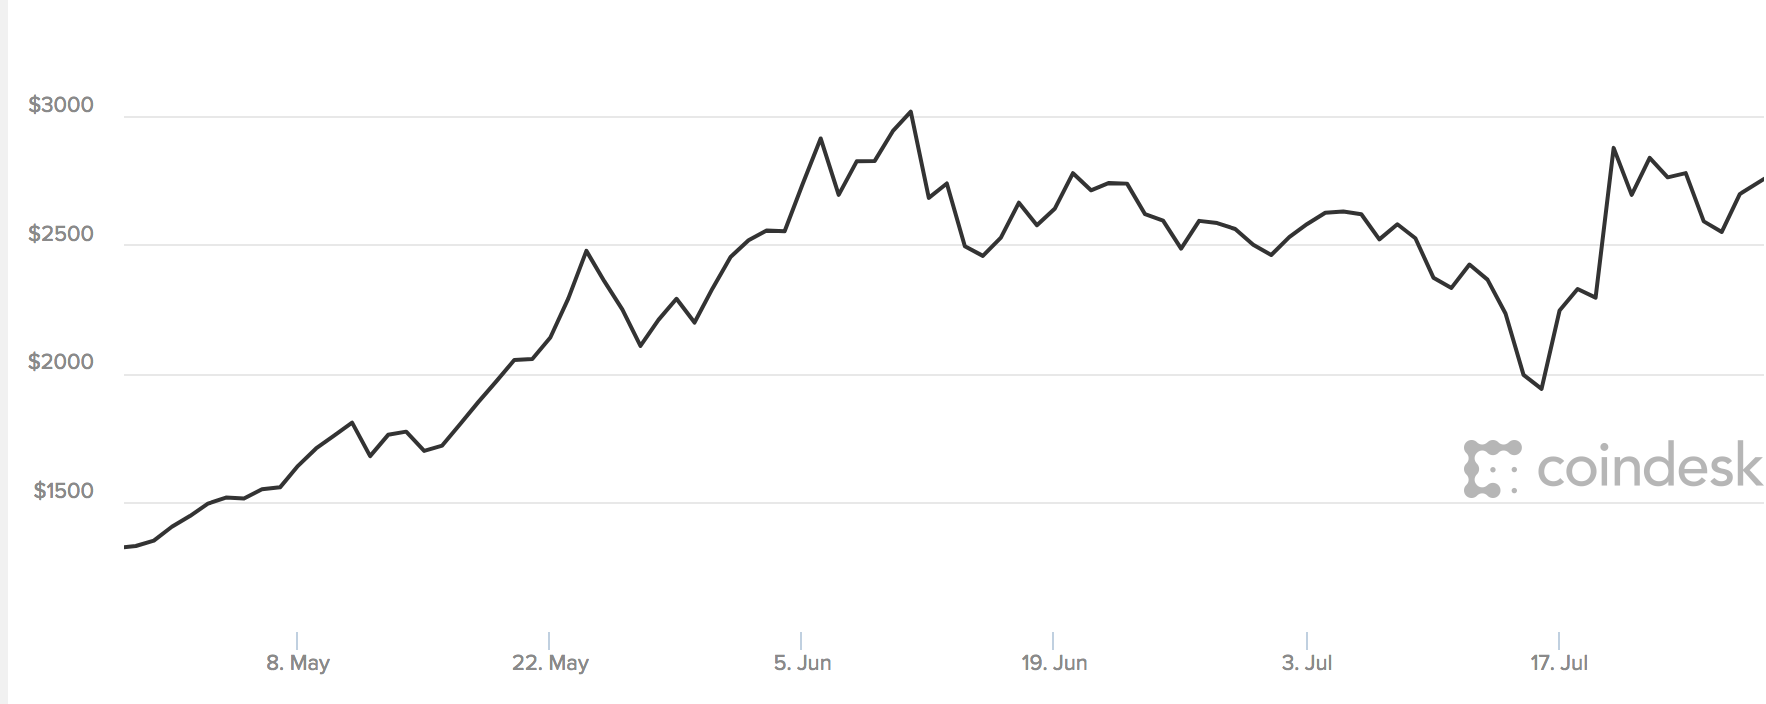 bitcoin price drop news today